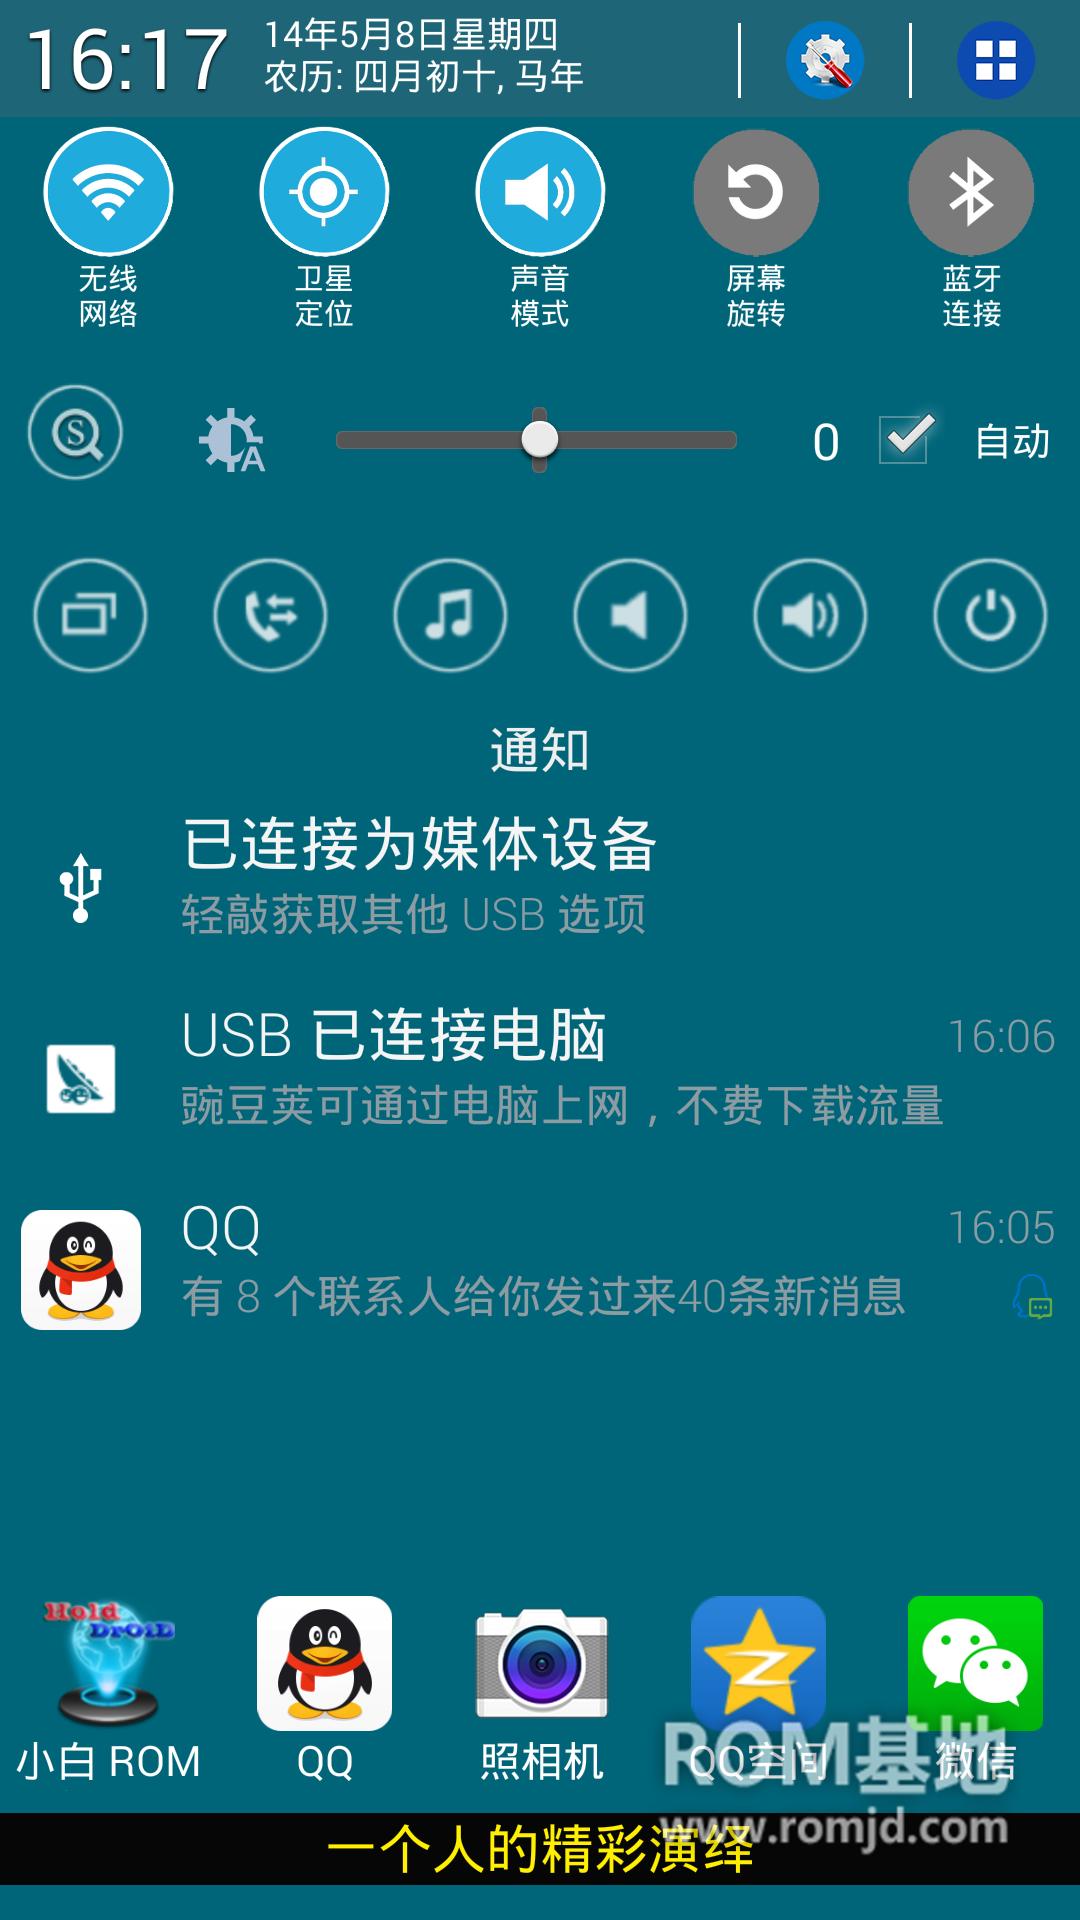 【HOLD】小白_ 三星 N900 刷机包 XXUDND2_V8.0极度流畅+稳定版ROM刷机包截图